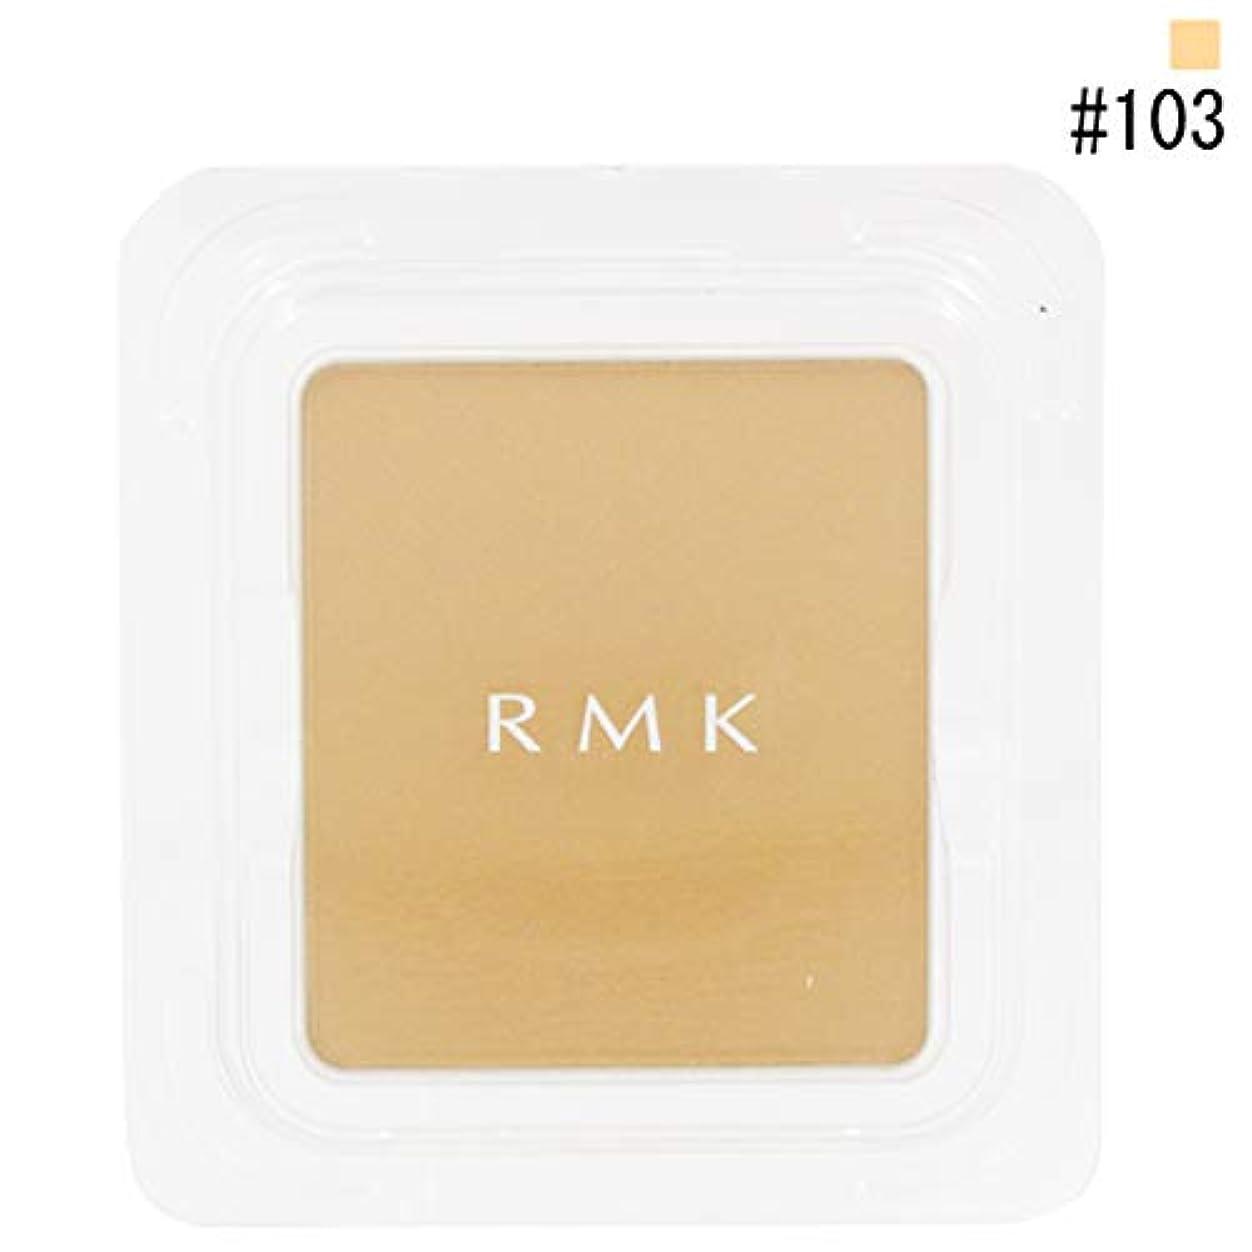 トランクライブラリ検出可能あなたのものRMK アールエムケー エアリーパウダー ファンデーション (レフィル) #103 10.5g [並行輸入品]